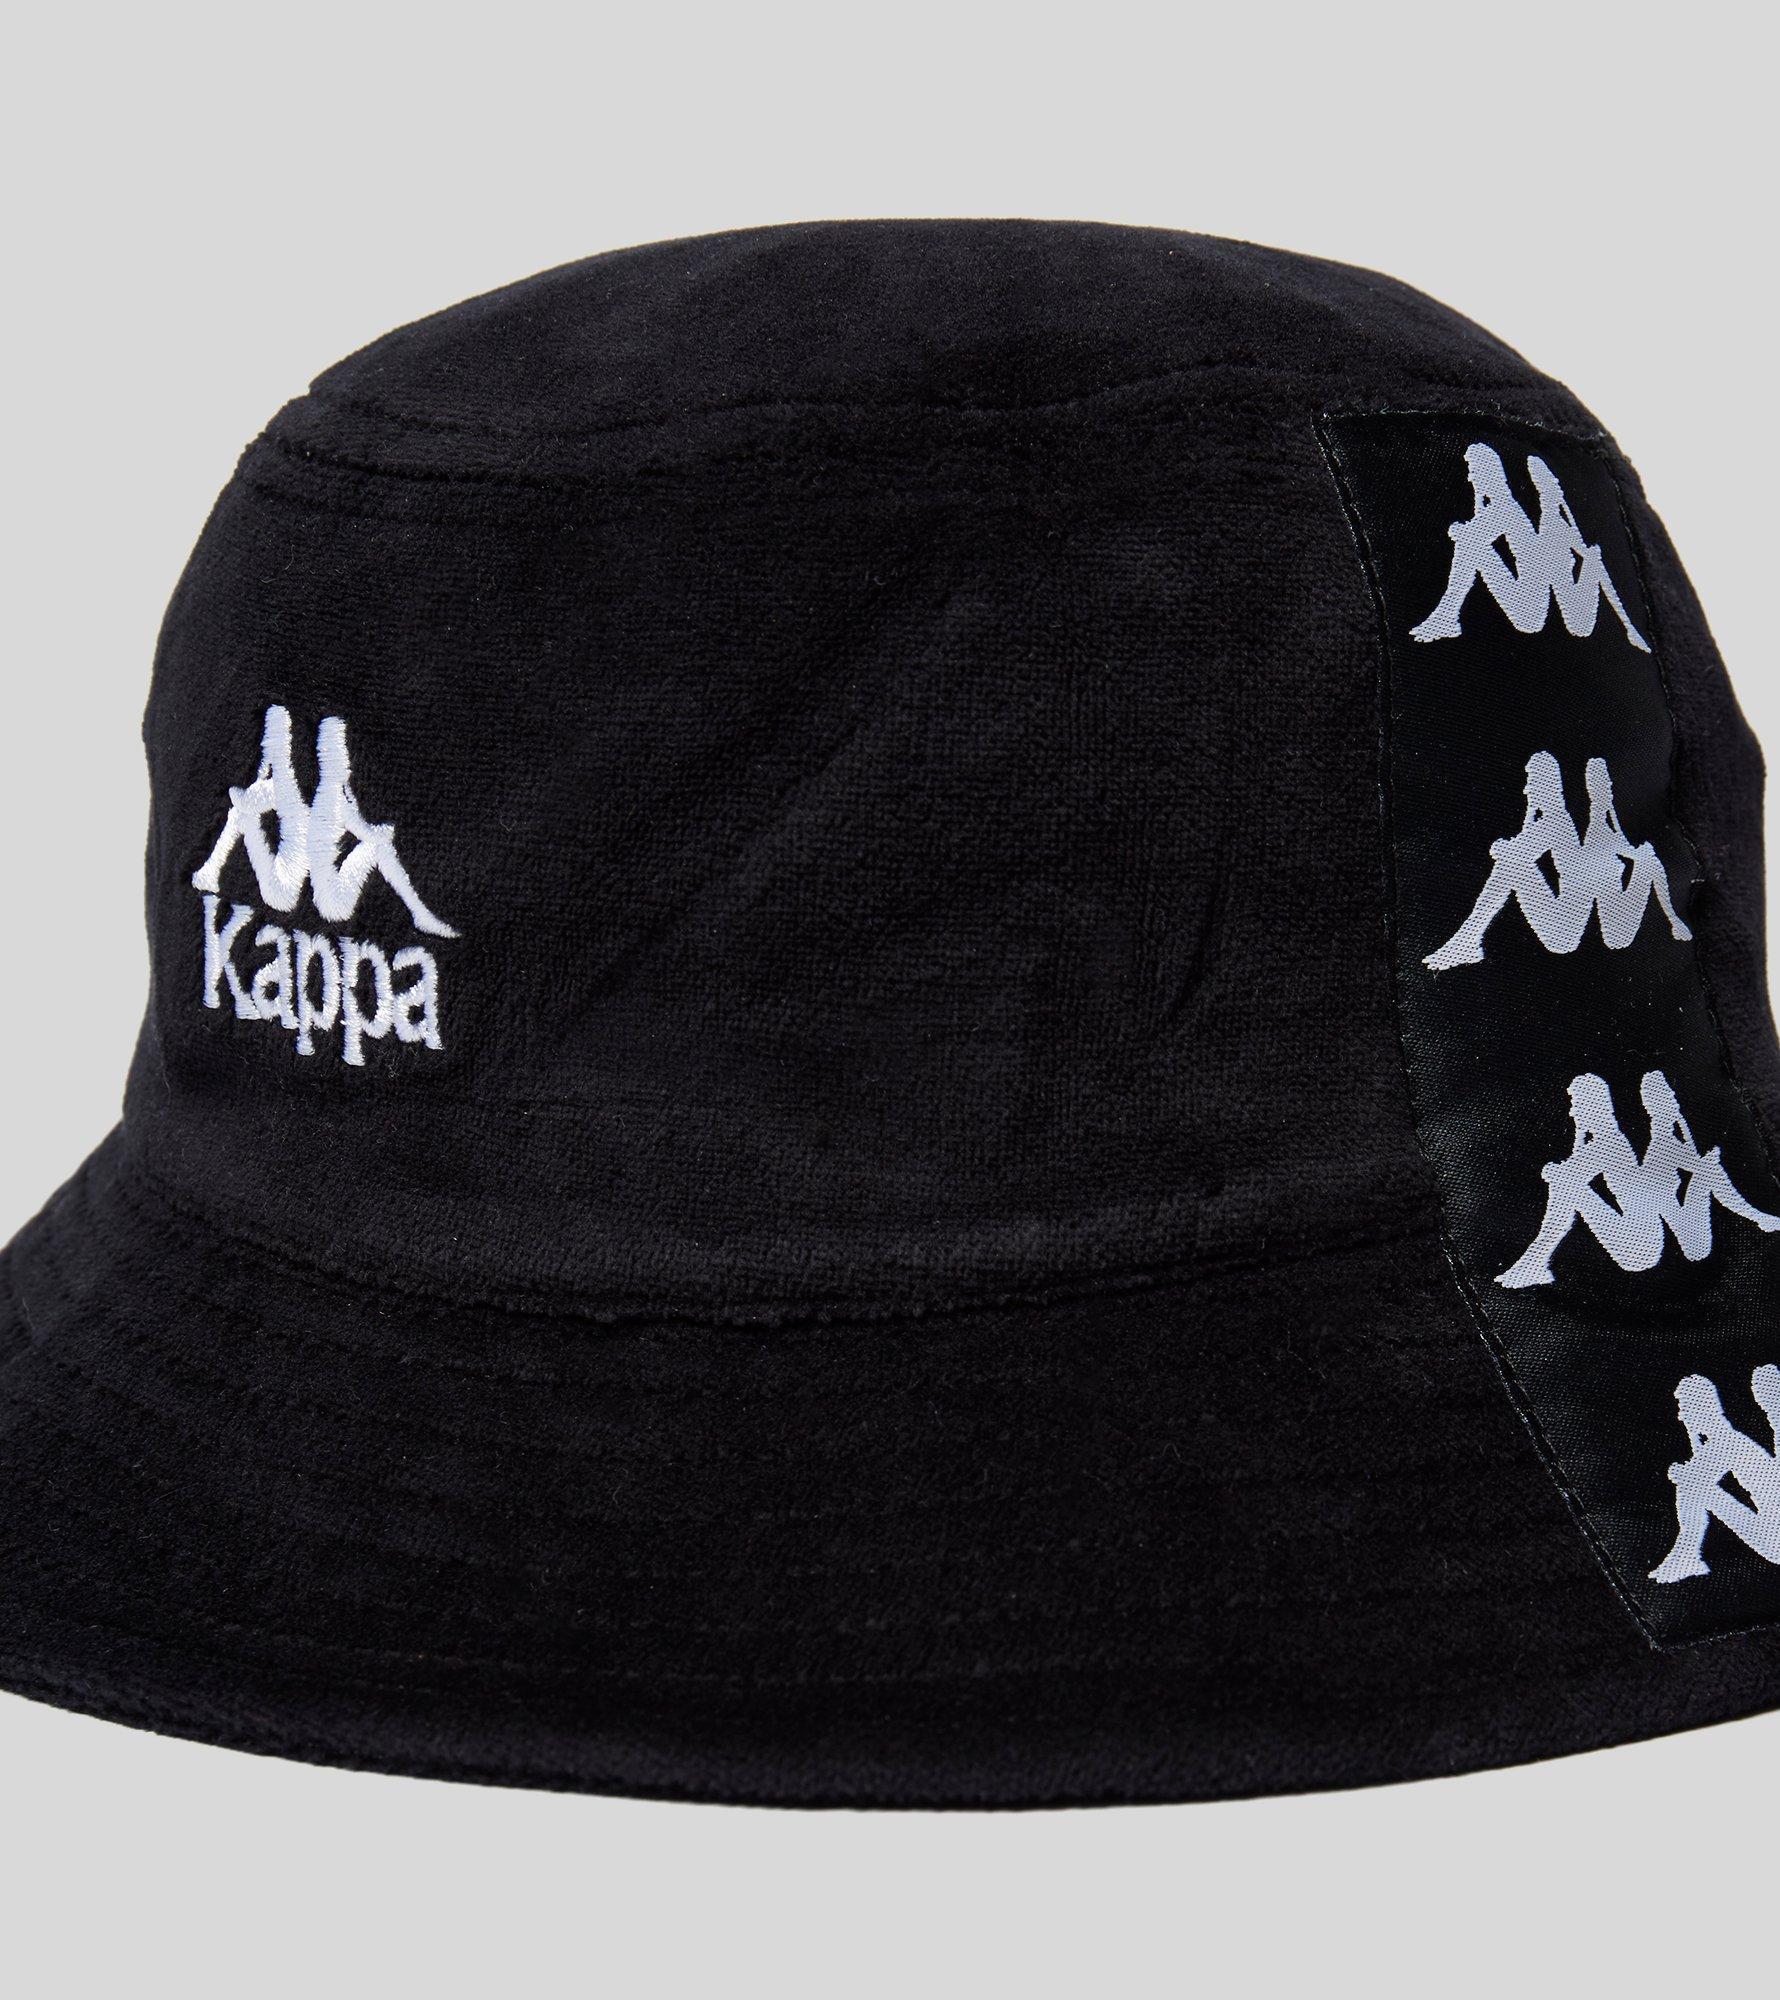 Lyst - Kappa Ayumen Bucket Hat in Black for Men af5251104563